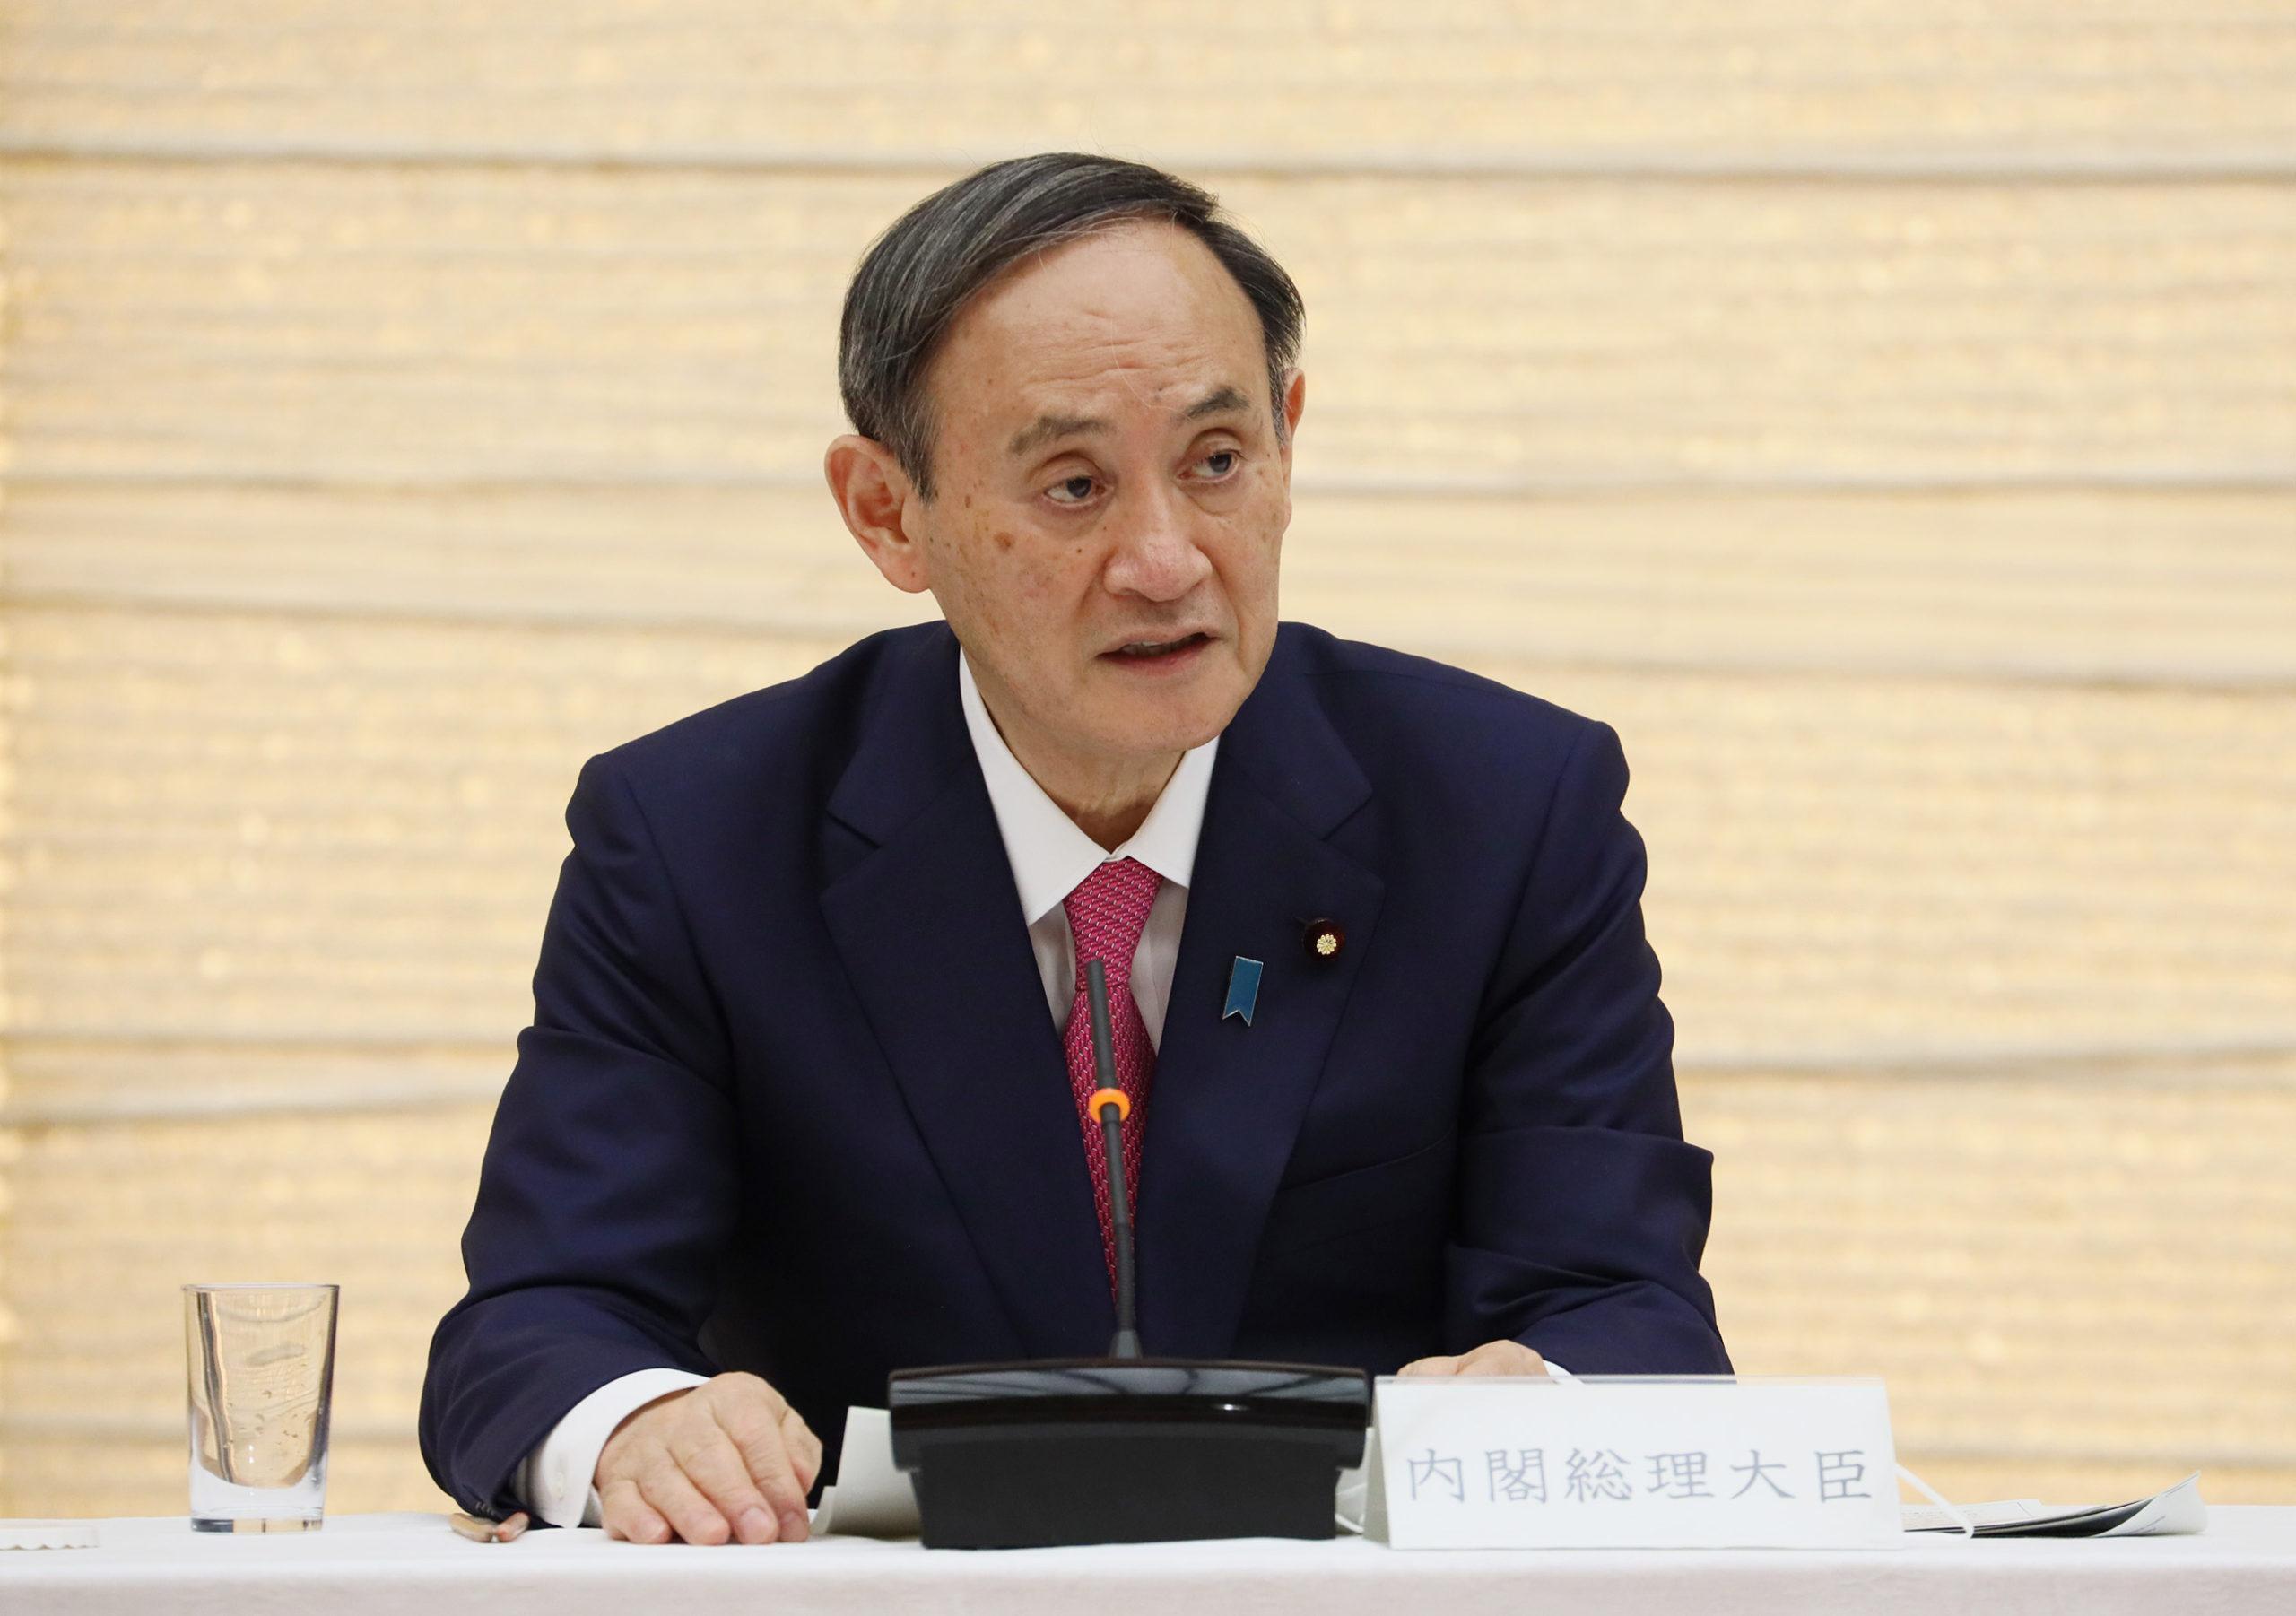 菅総理は福島県沖を震源とする地震についての会見を行いました